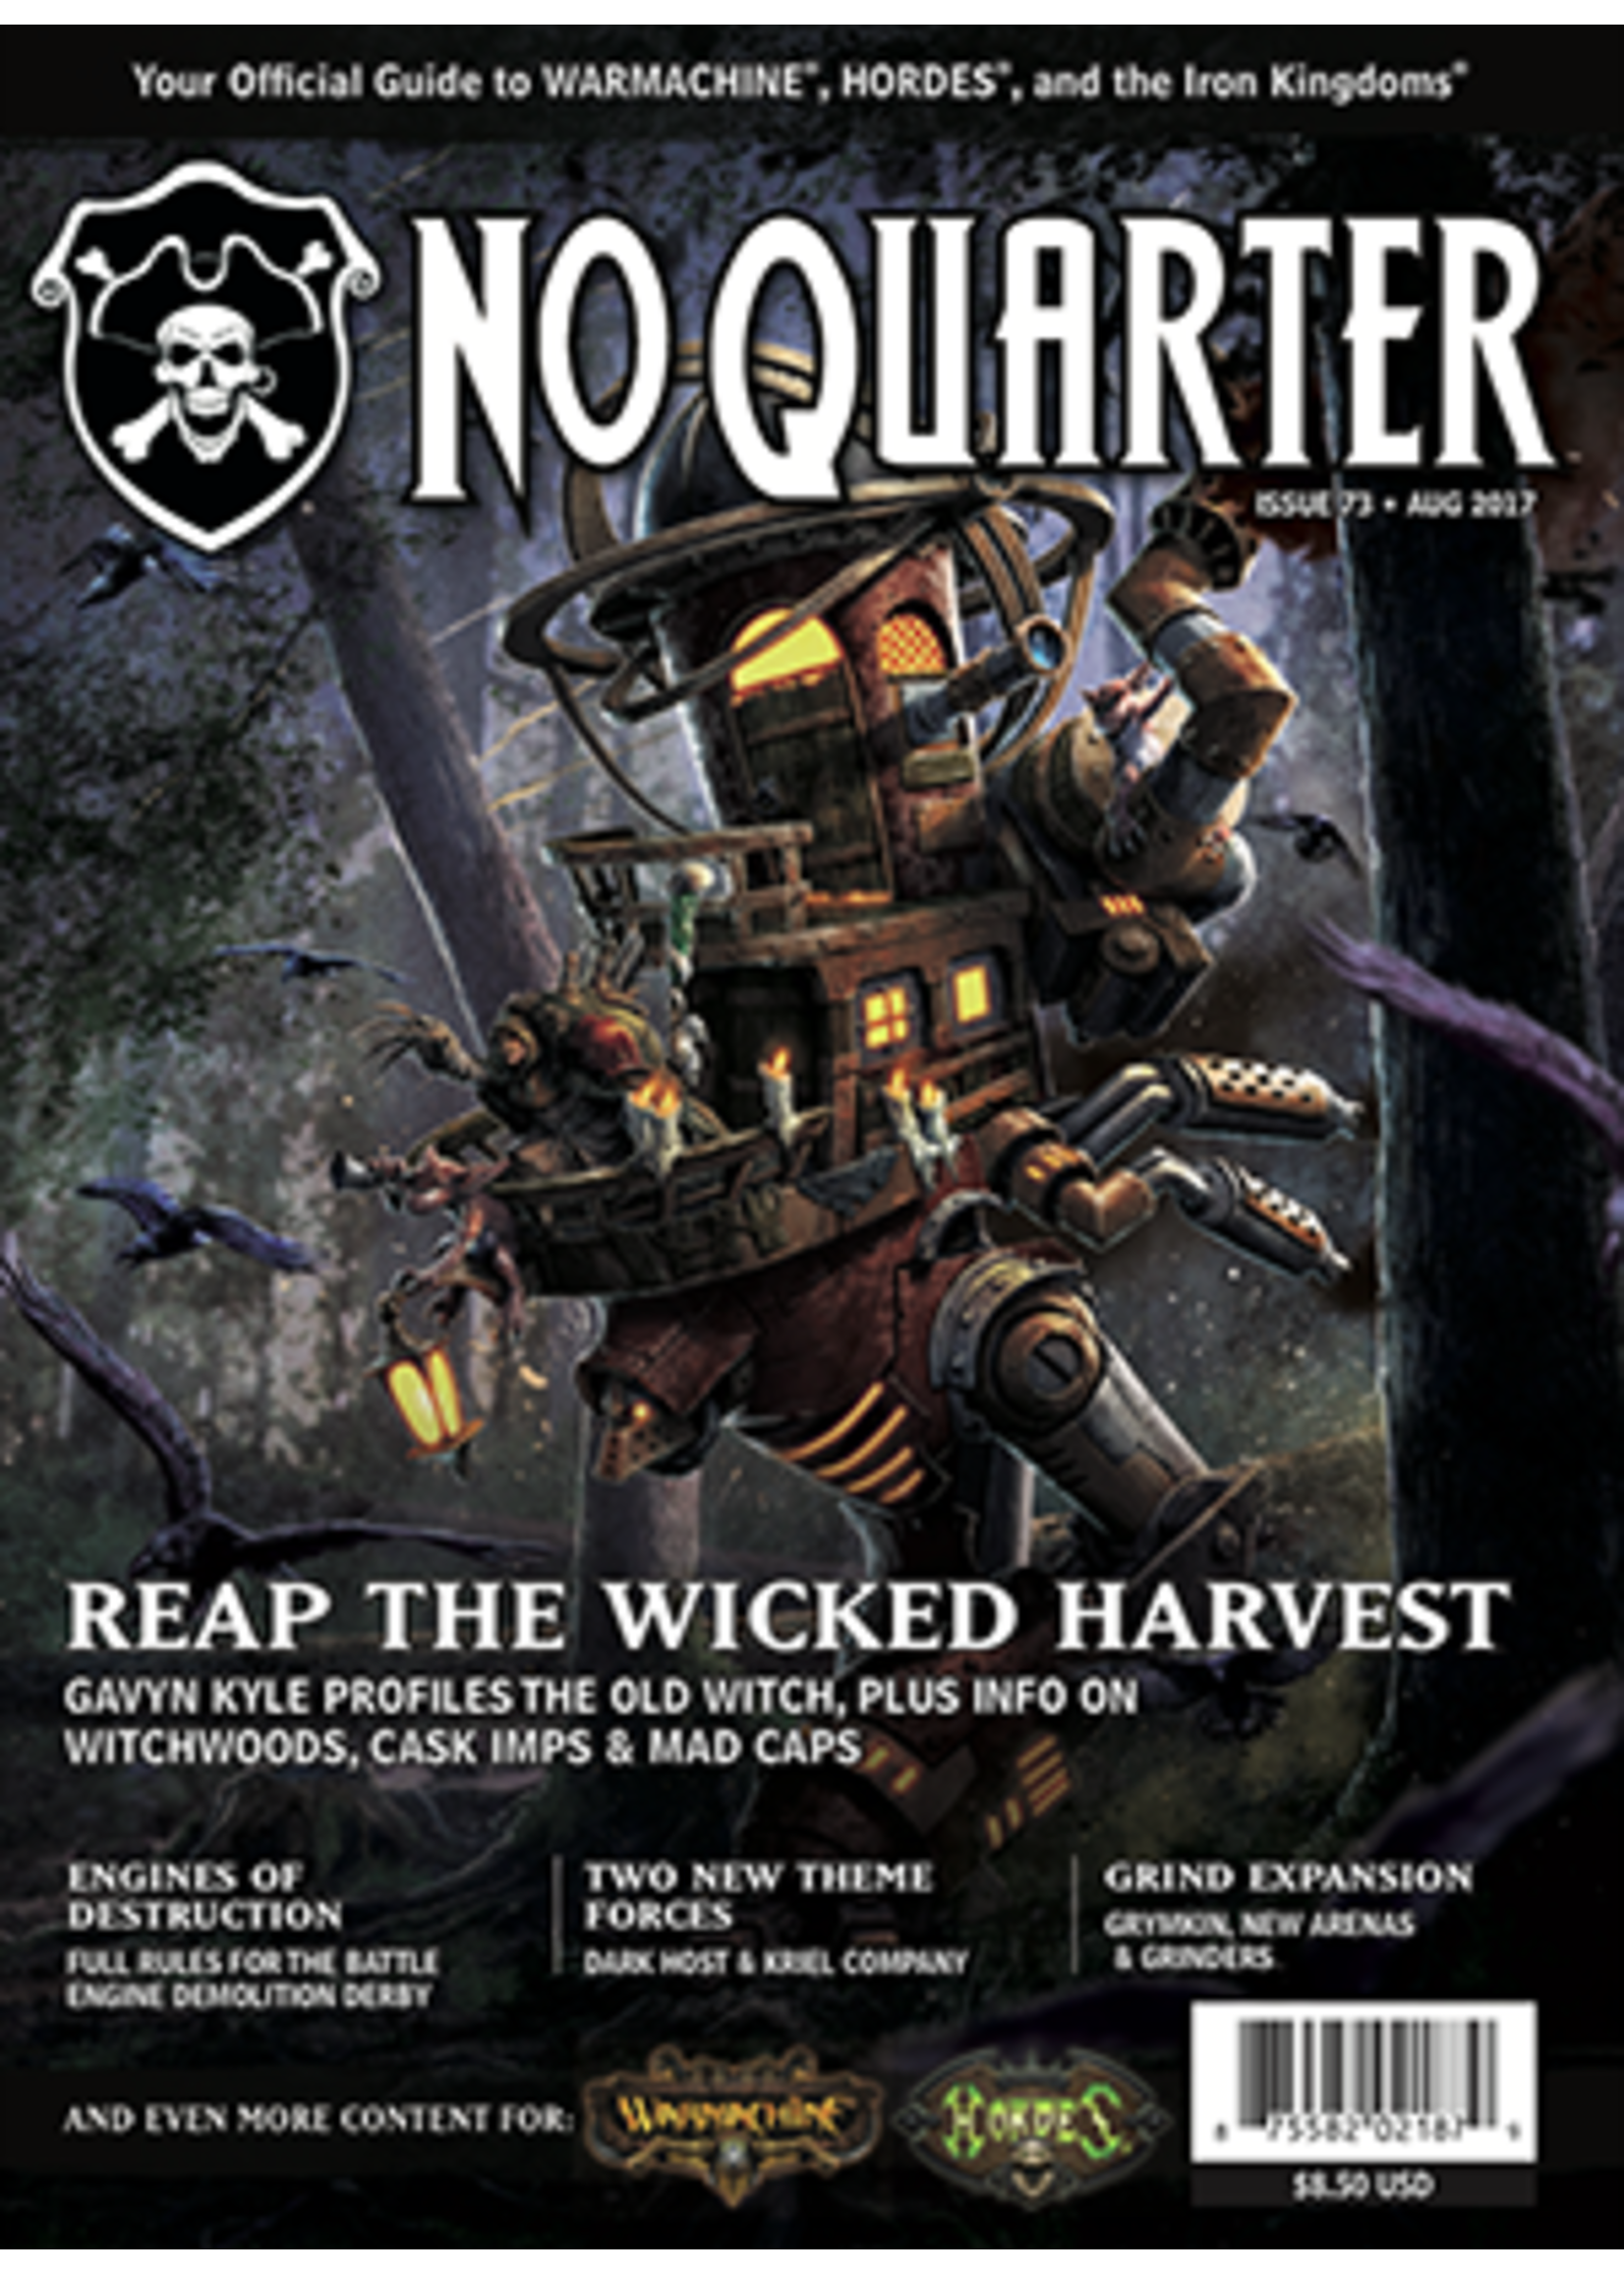 No Quarter Magazine #73